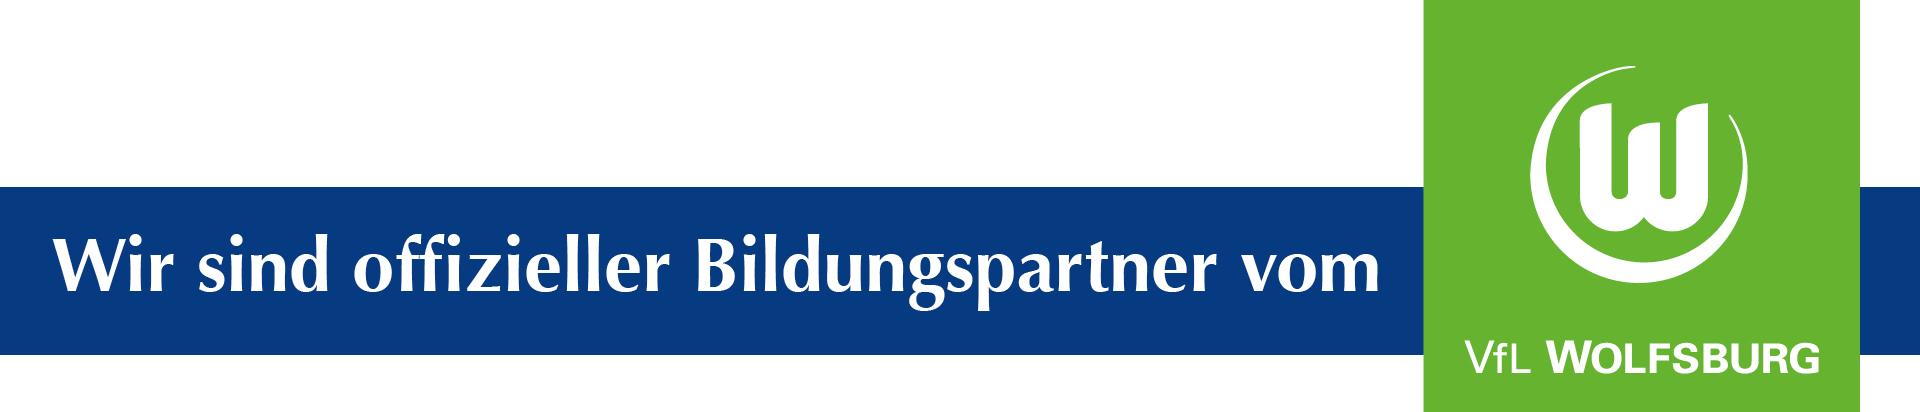 KERN Group arbeitet ab sofort mit dem VfL Wolfsburg zusammen